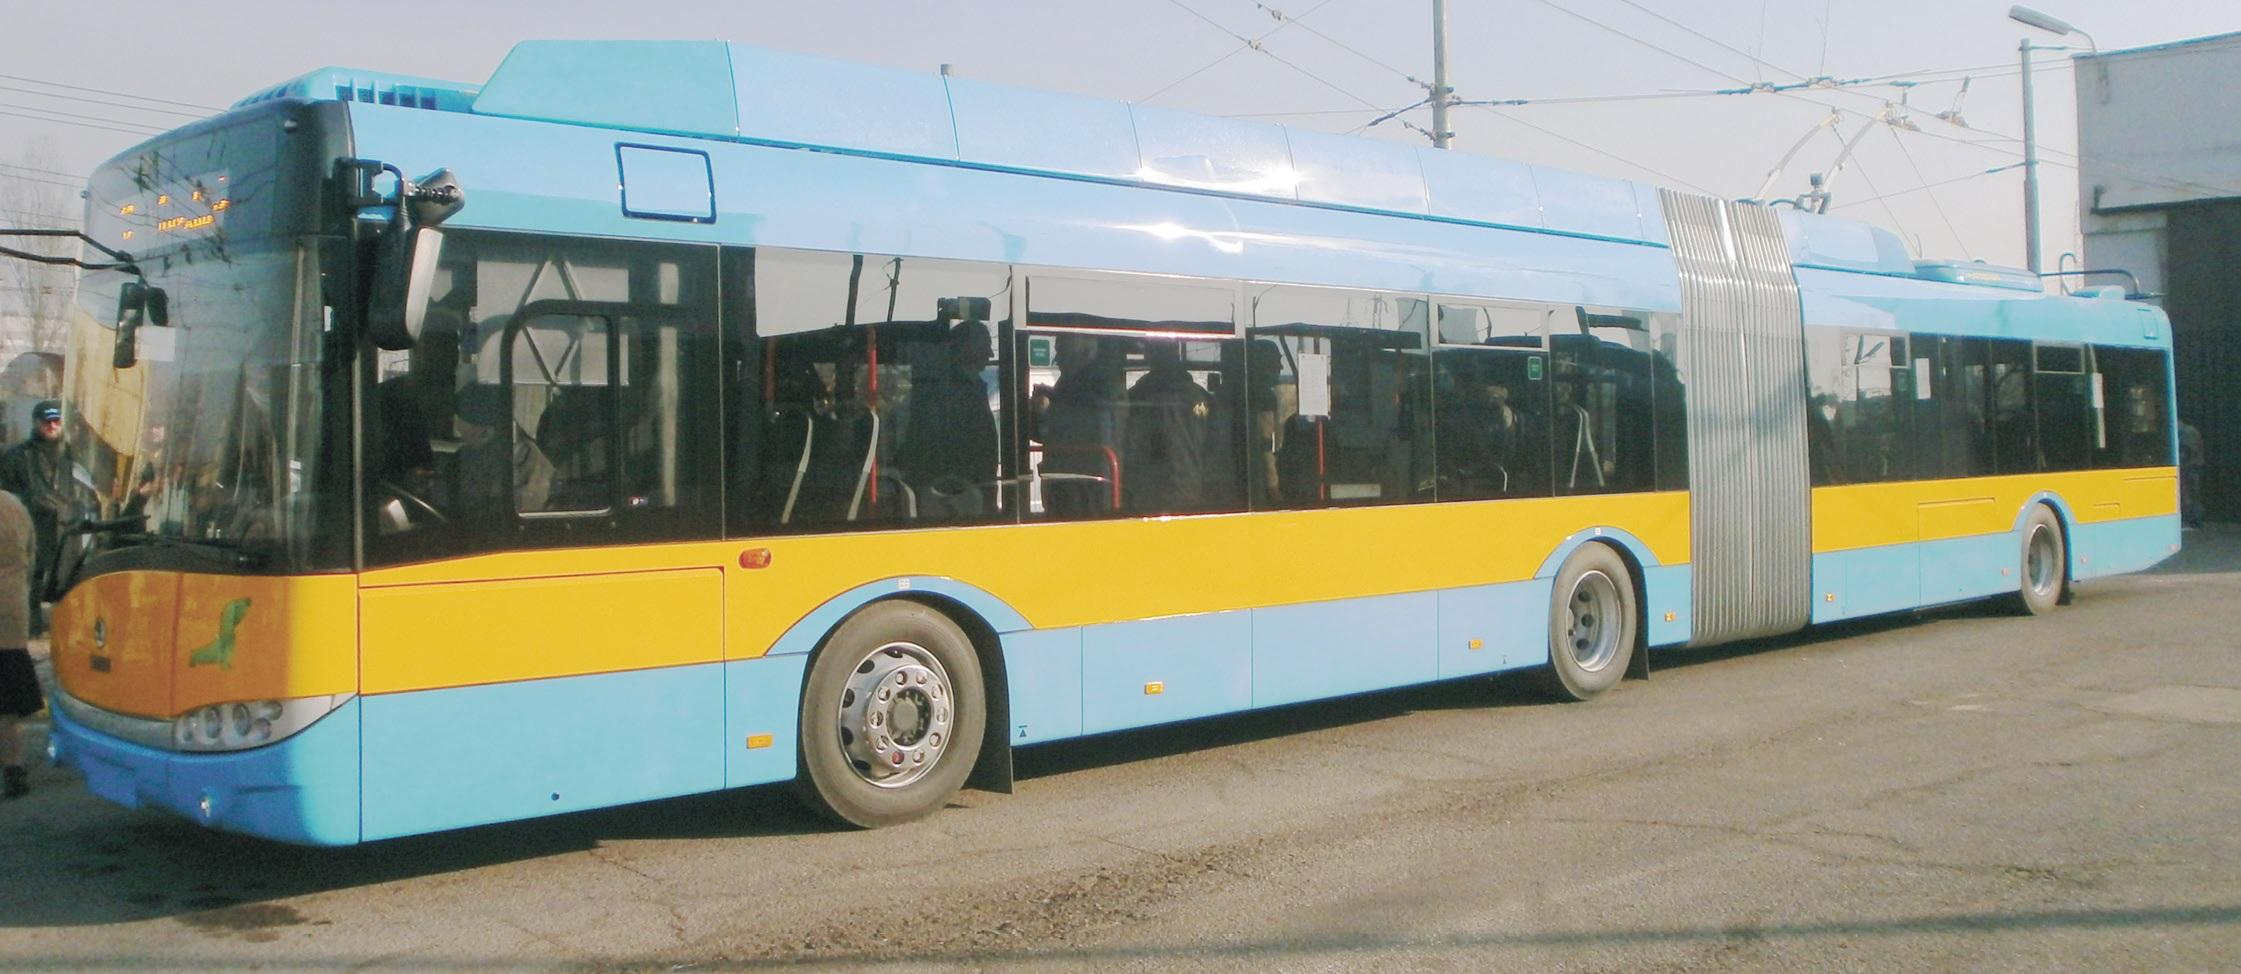 Първият нов Škoda Solaris вече се движи в София